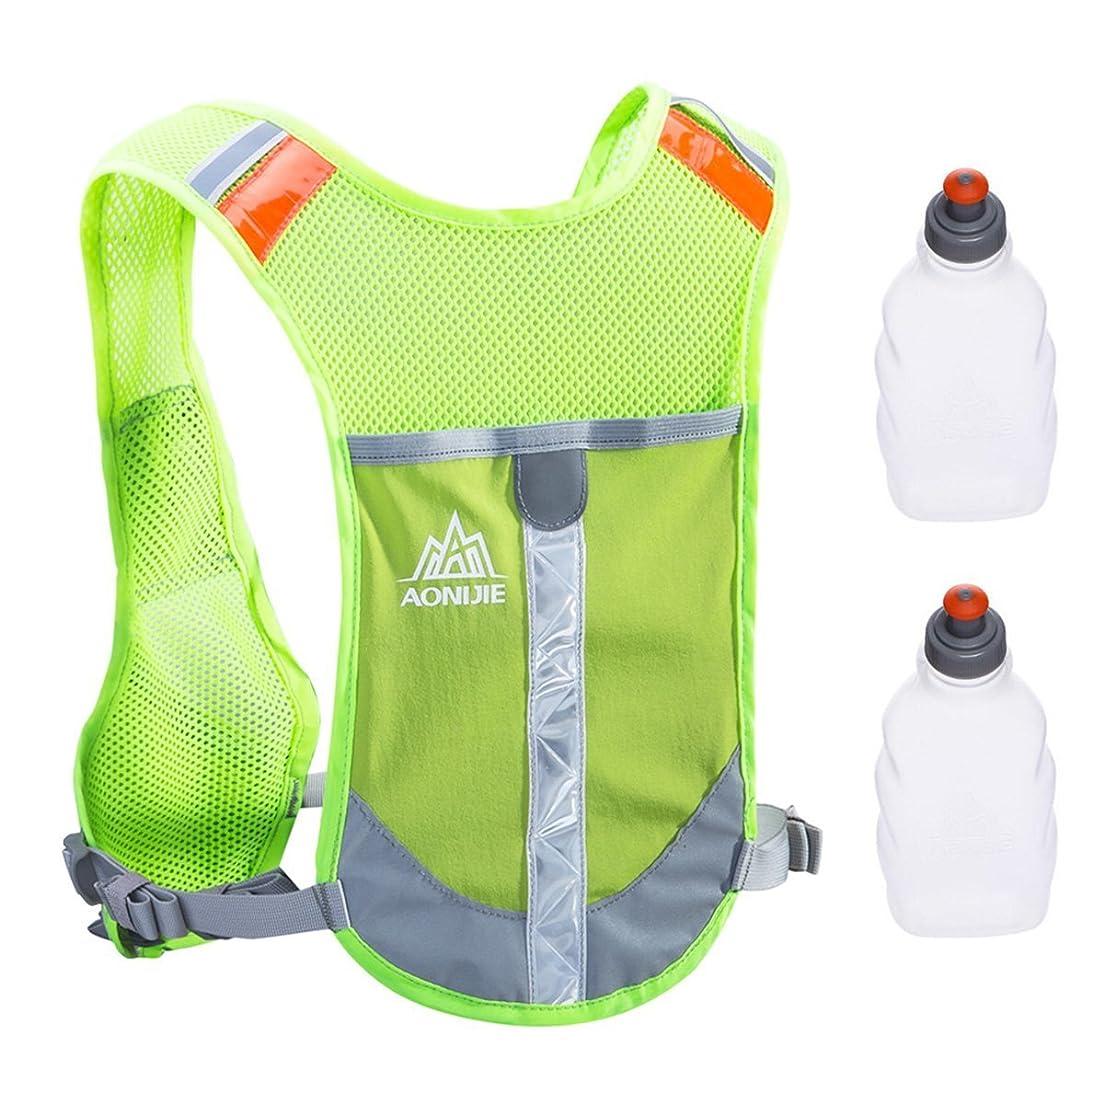 契約大脳起きてTRIWONDER 反射ベスト 軽量 安全 サイクリングバッグ 自転車バッグパック ランニング マラソン リューク